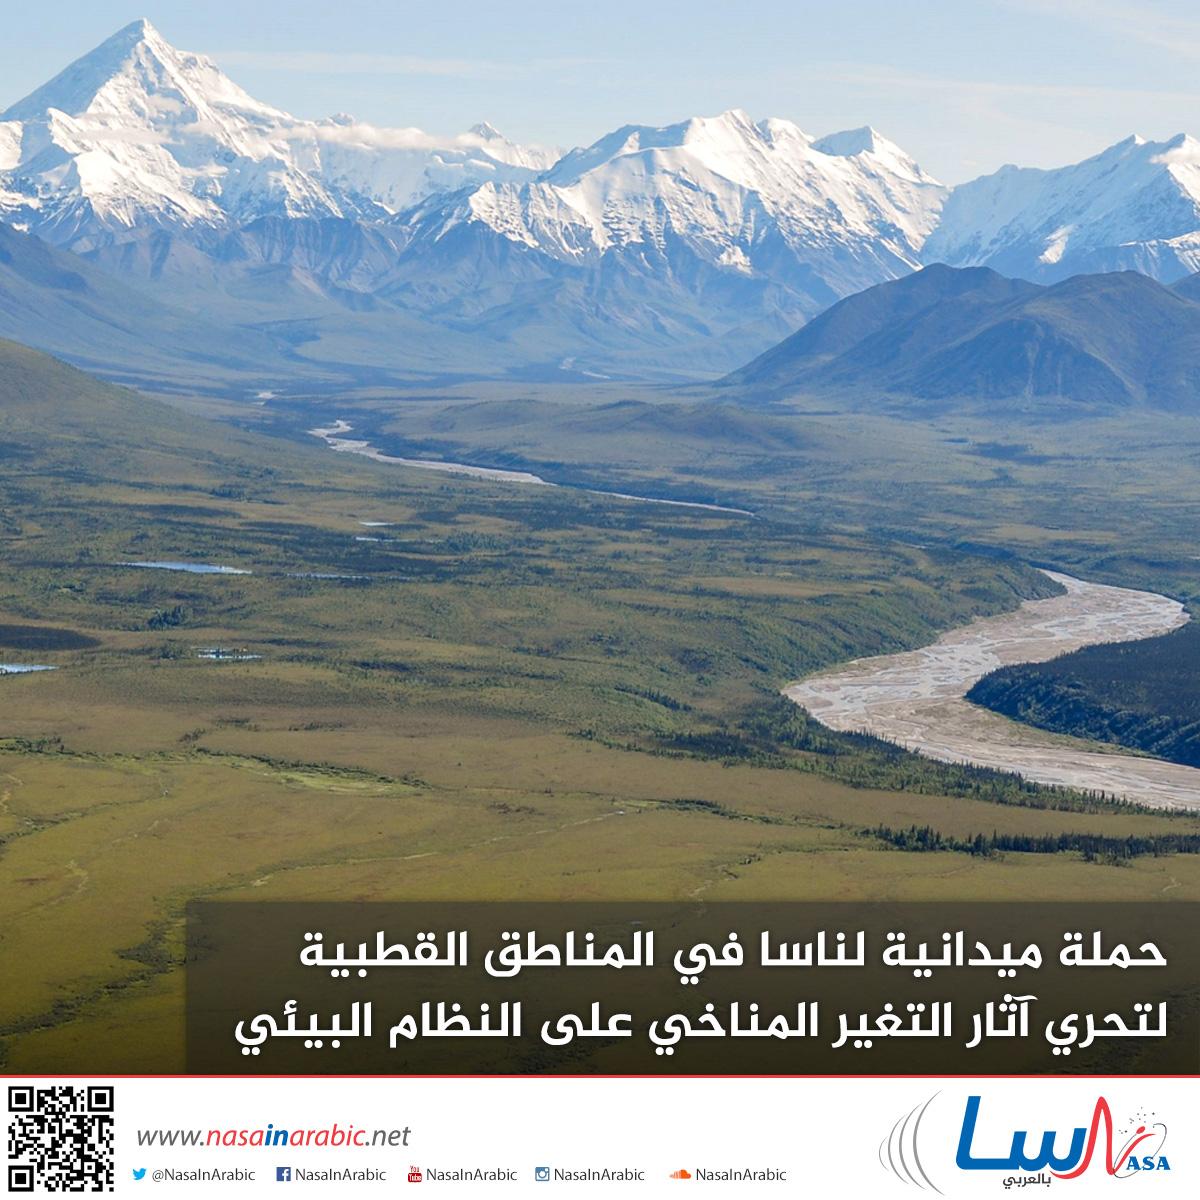 حملة ميدانية لناسا في المناطق القطبية لتحري آثار التغير المناخي على النظام البيئي